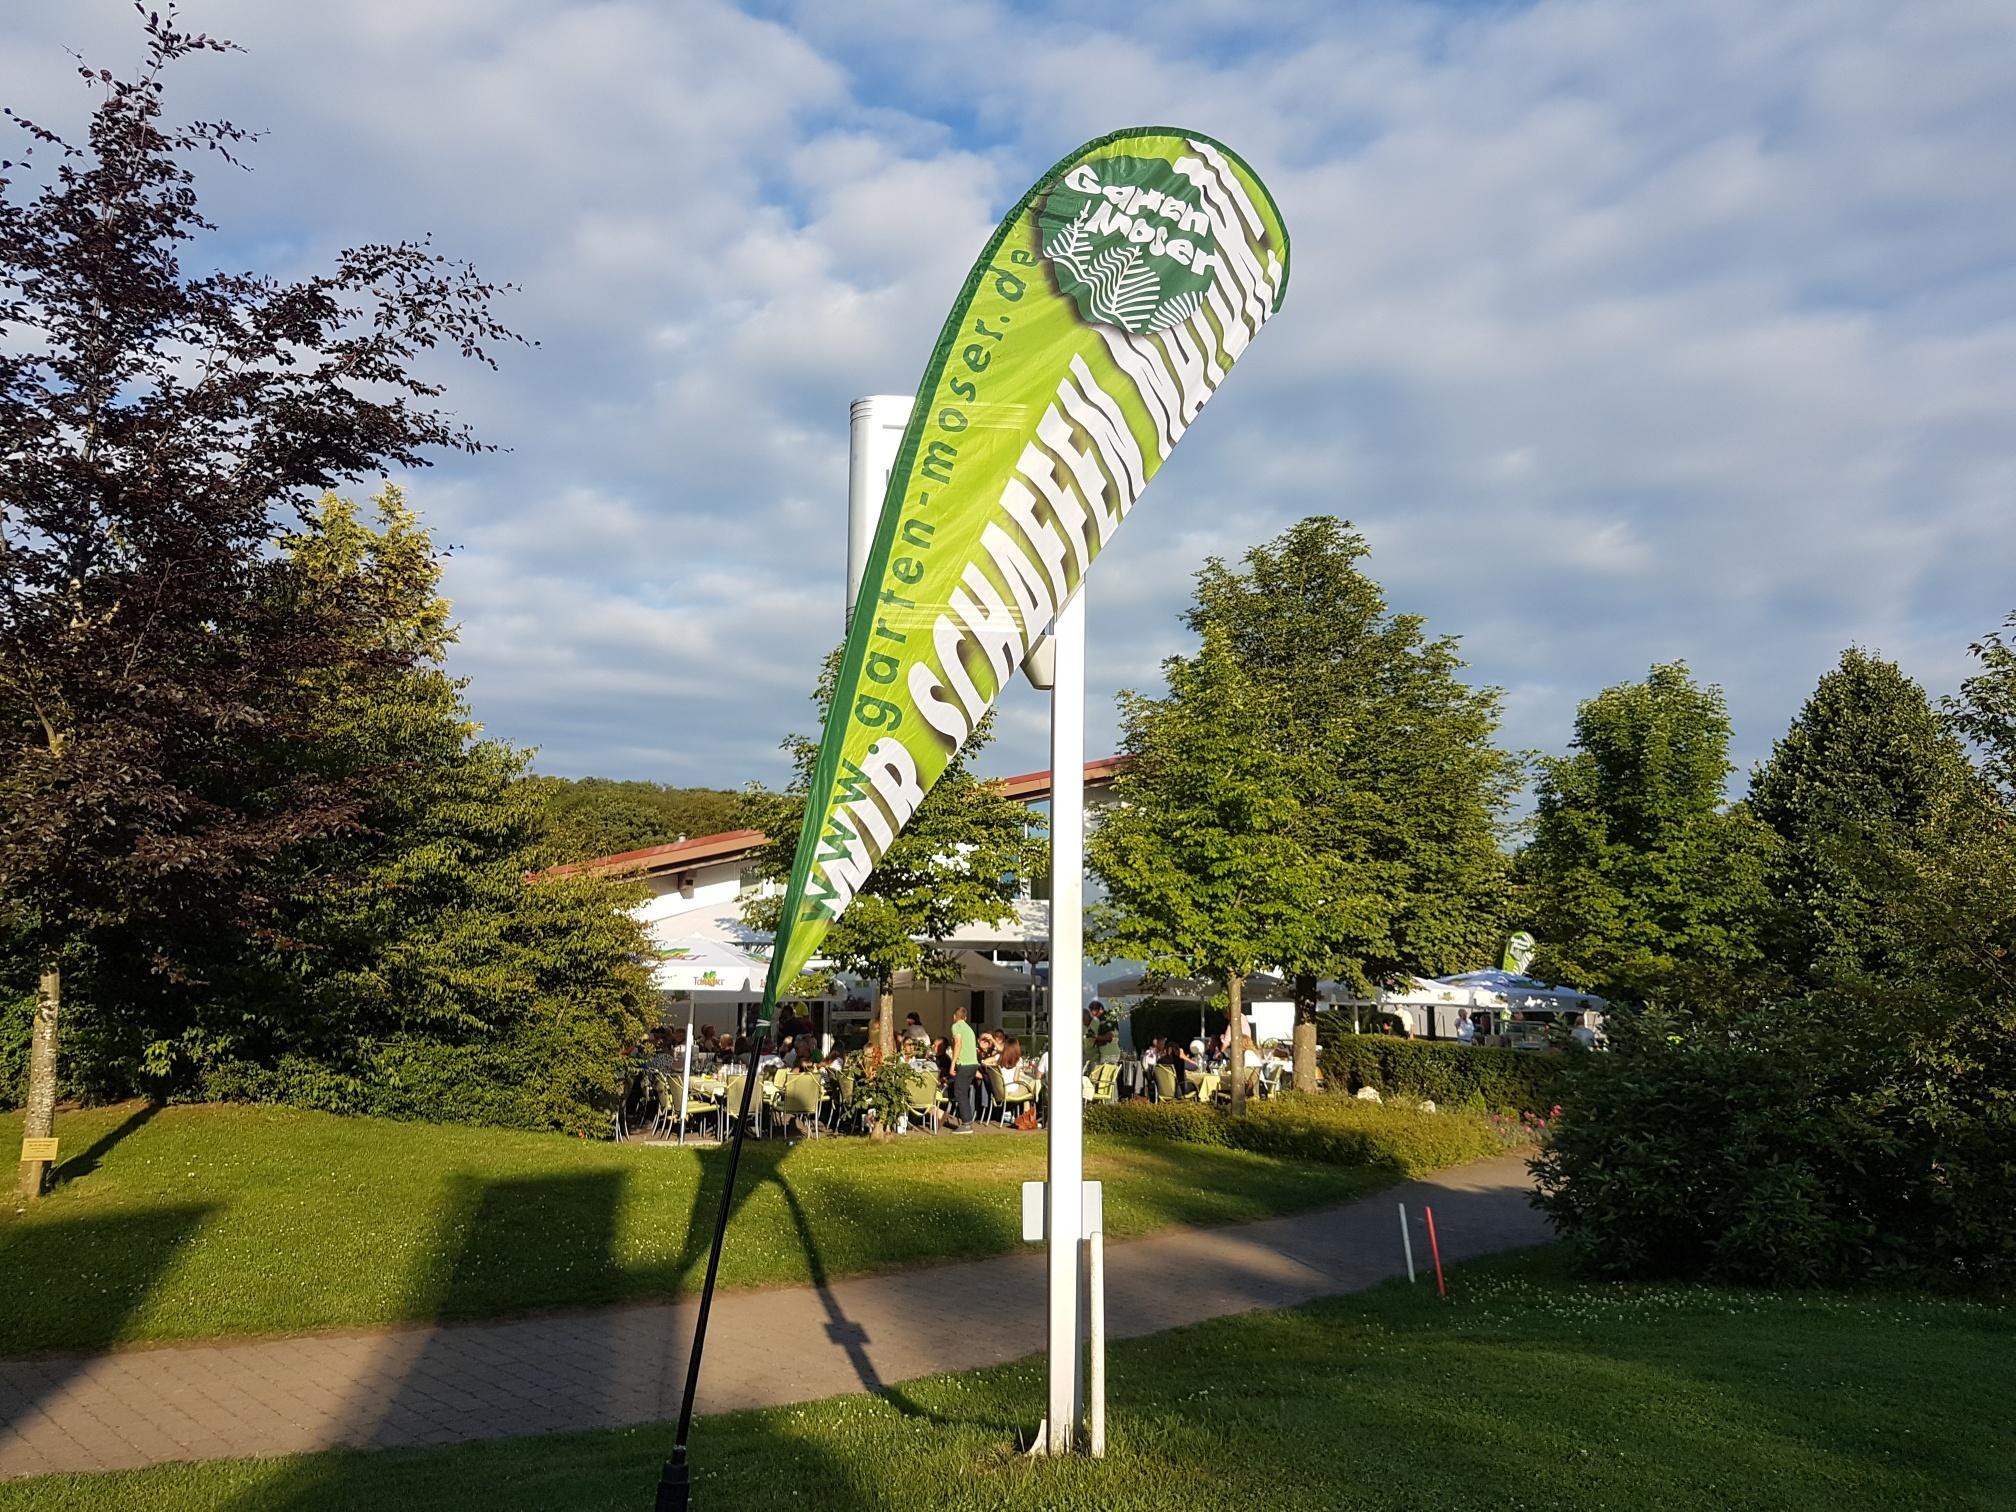 Unverkennbar: Hier läuft das Garten-Moser-Turnier. Zum 8. Mal veranstaltete die fürs Greenkeeping in Sonnenbühl verantwortliche Firma am 16. Juli 2017 einen sportlichen Wettkampf über 18 Bahnen auf dem top-gepflegten Meisterschaftsplatz am Biosphärengebie